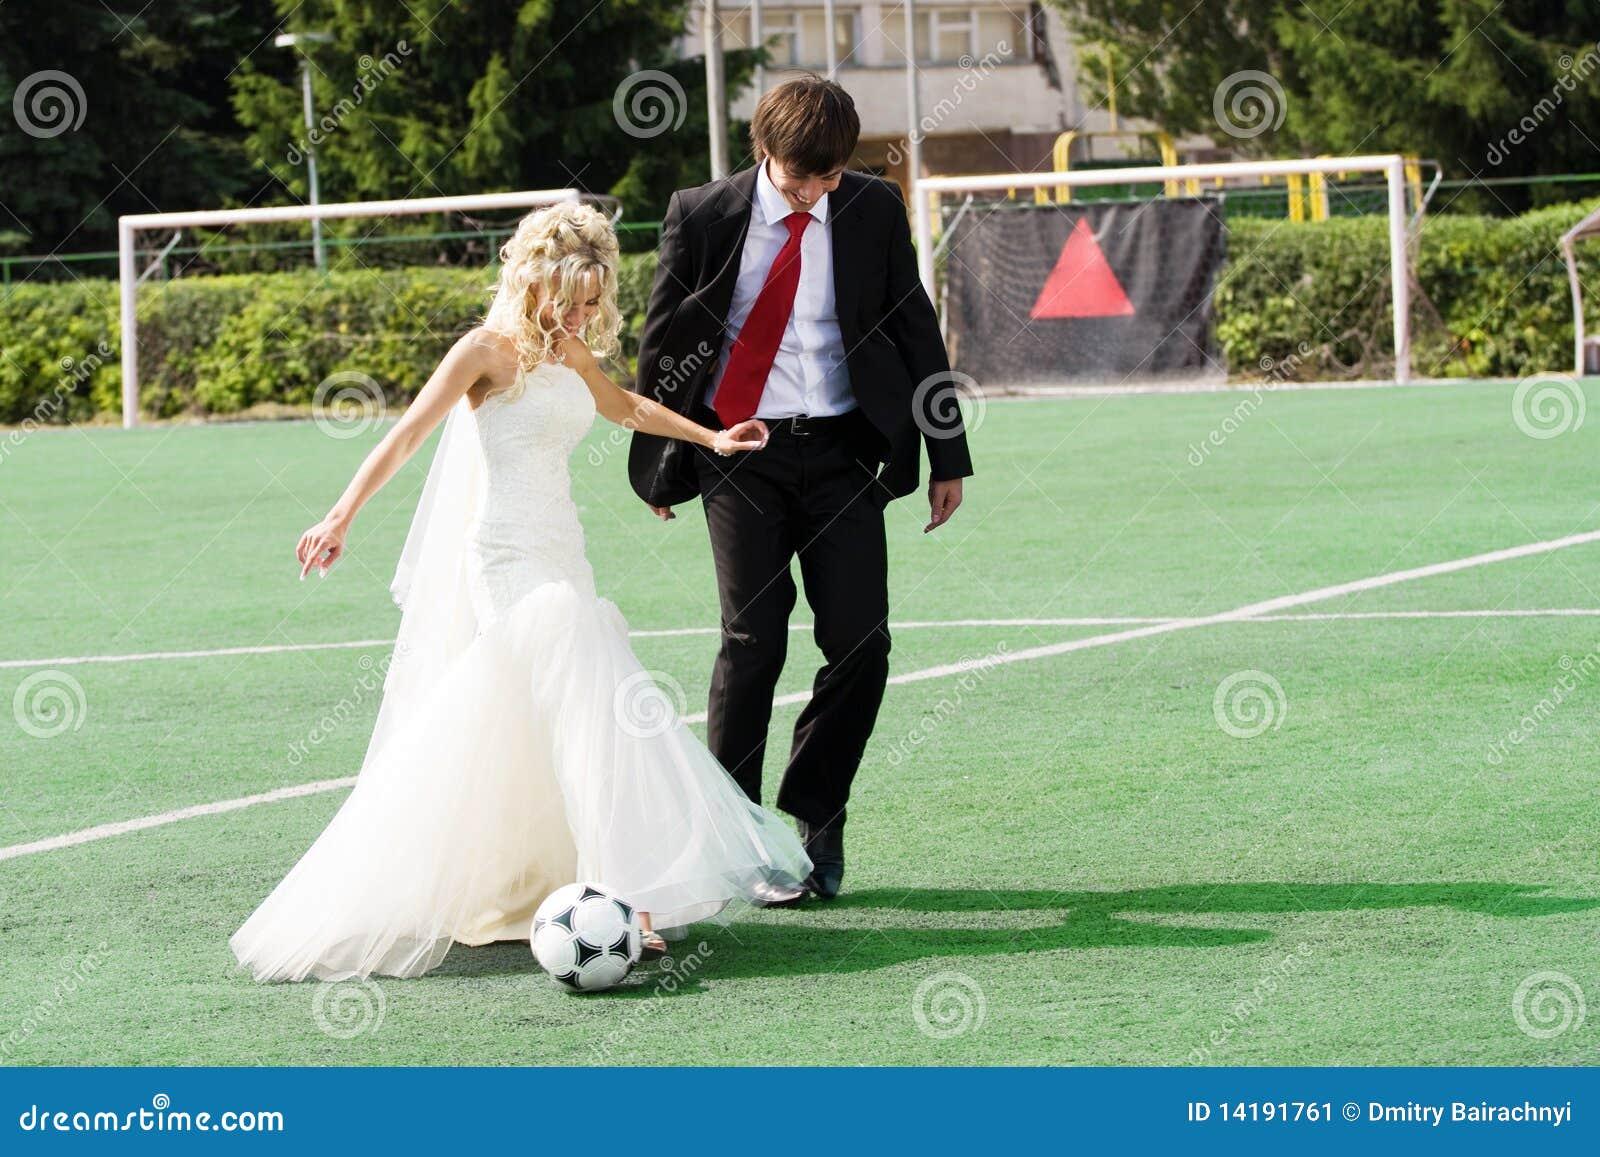 Couples de mariage jouant au football image stock image 14191761 - Photo de mariage couple ...